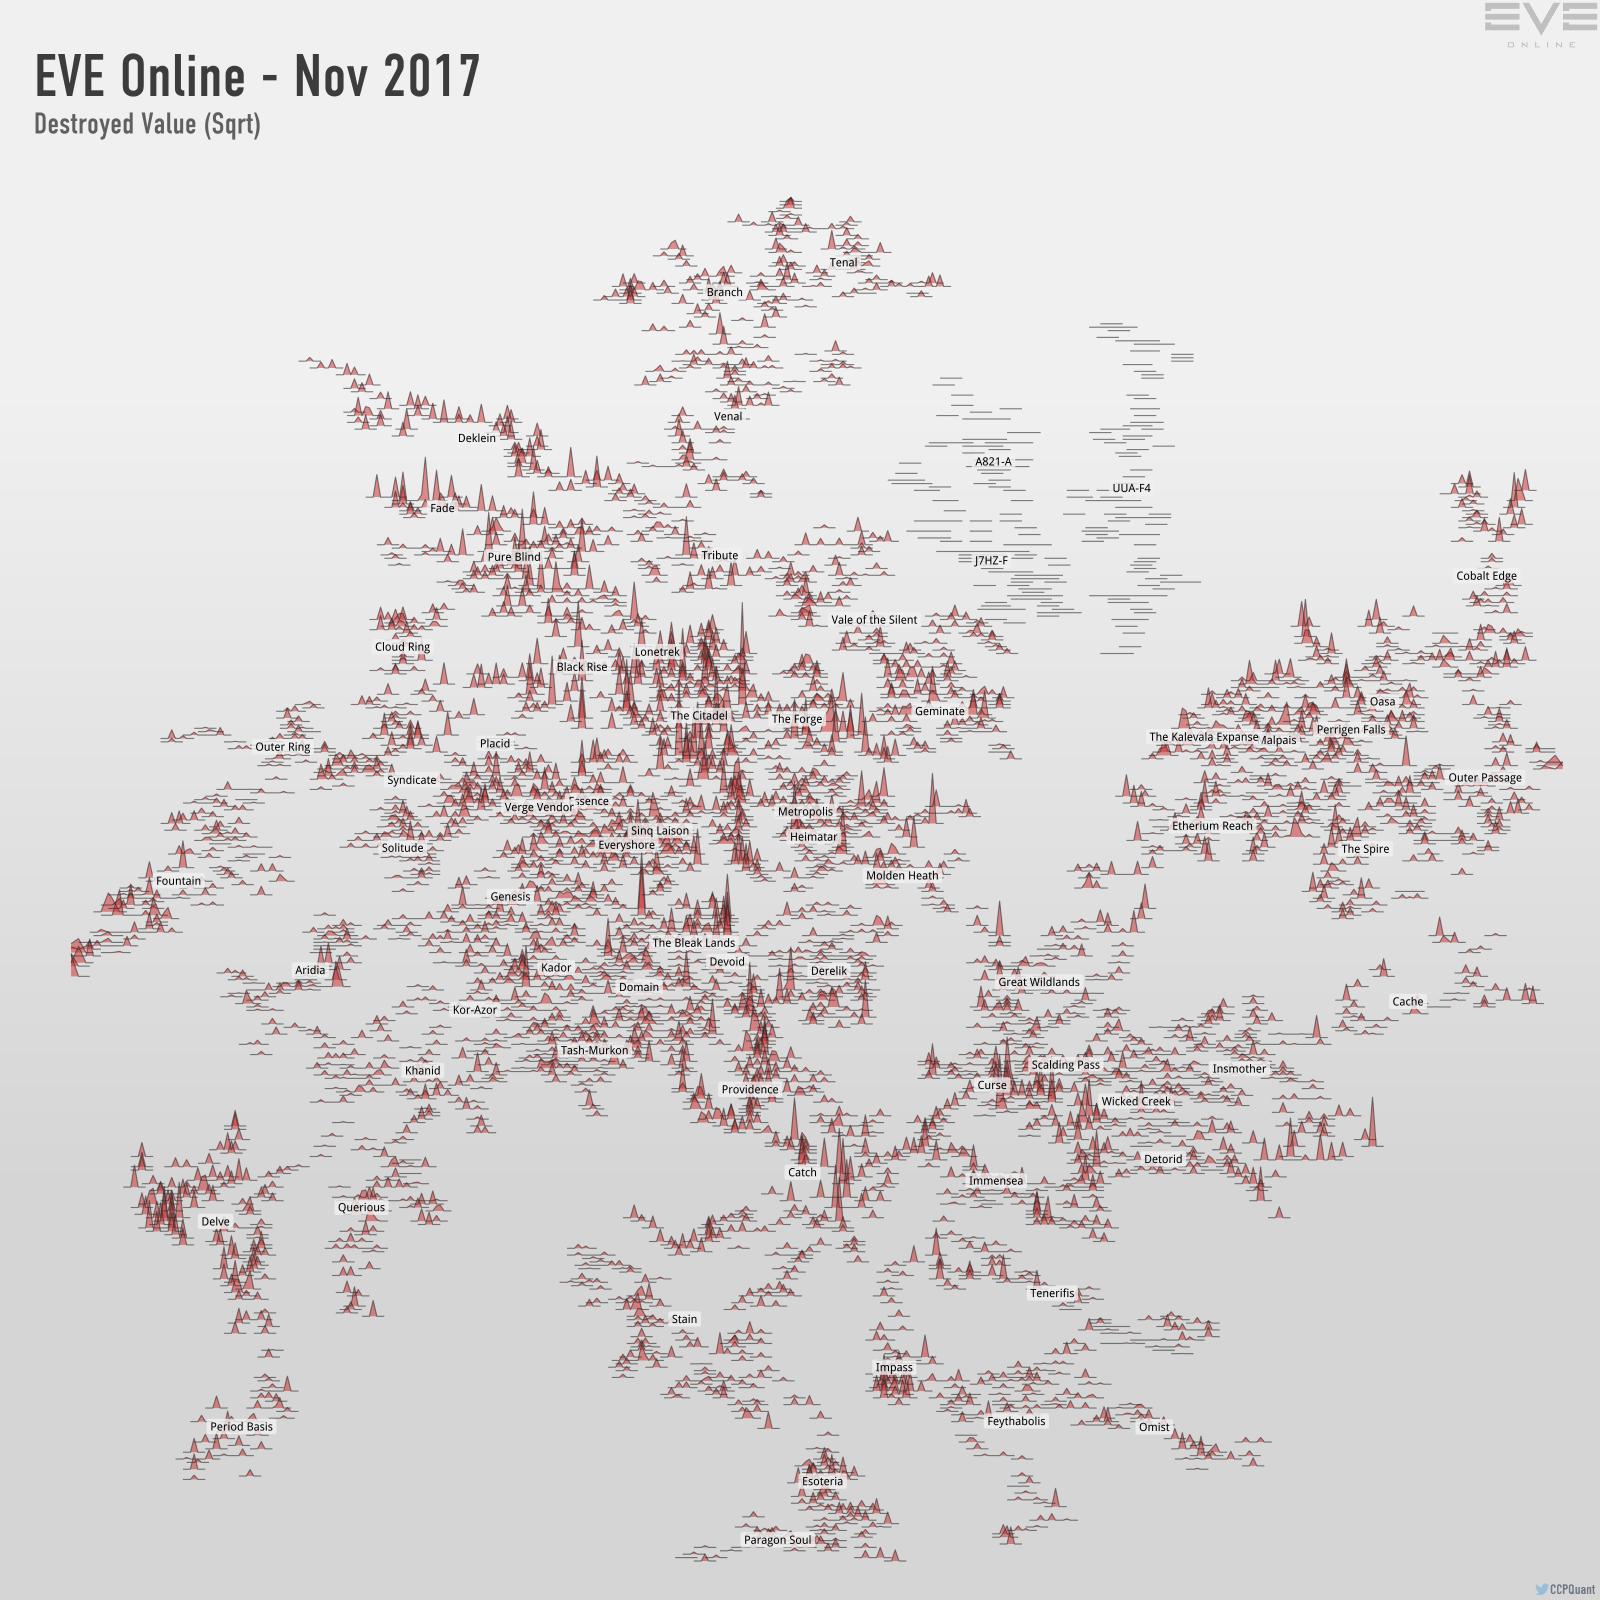 destroyed_value_(sqrt).png